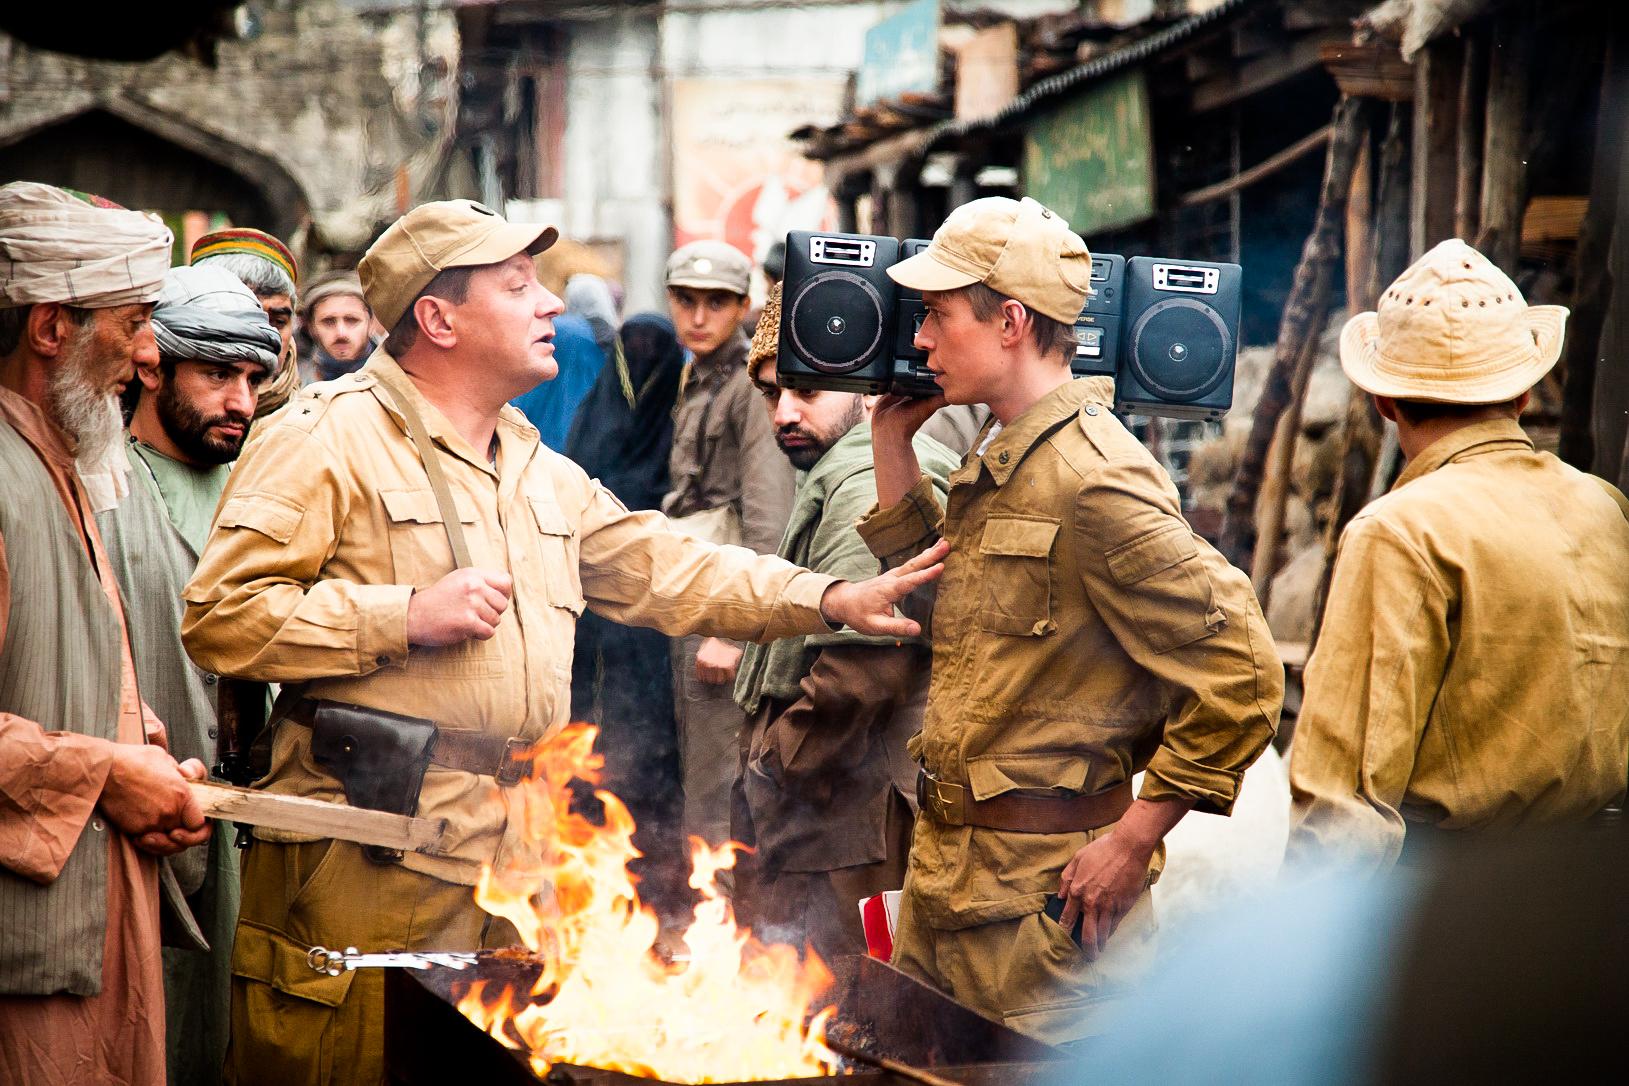 Авторы фильма неудосужились показать героев той войны. Фильм называется «Братство», ноизсюжета, впринципе, непонятно, окаком братстве здесь идет речь. Ктокому брат?